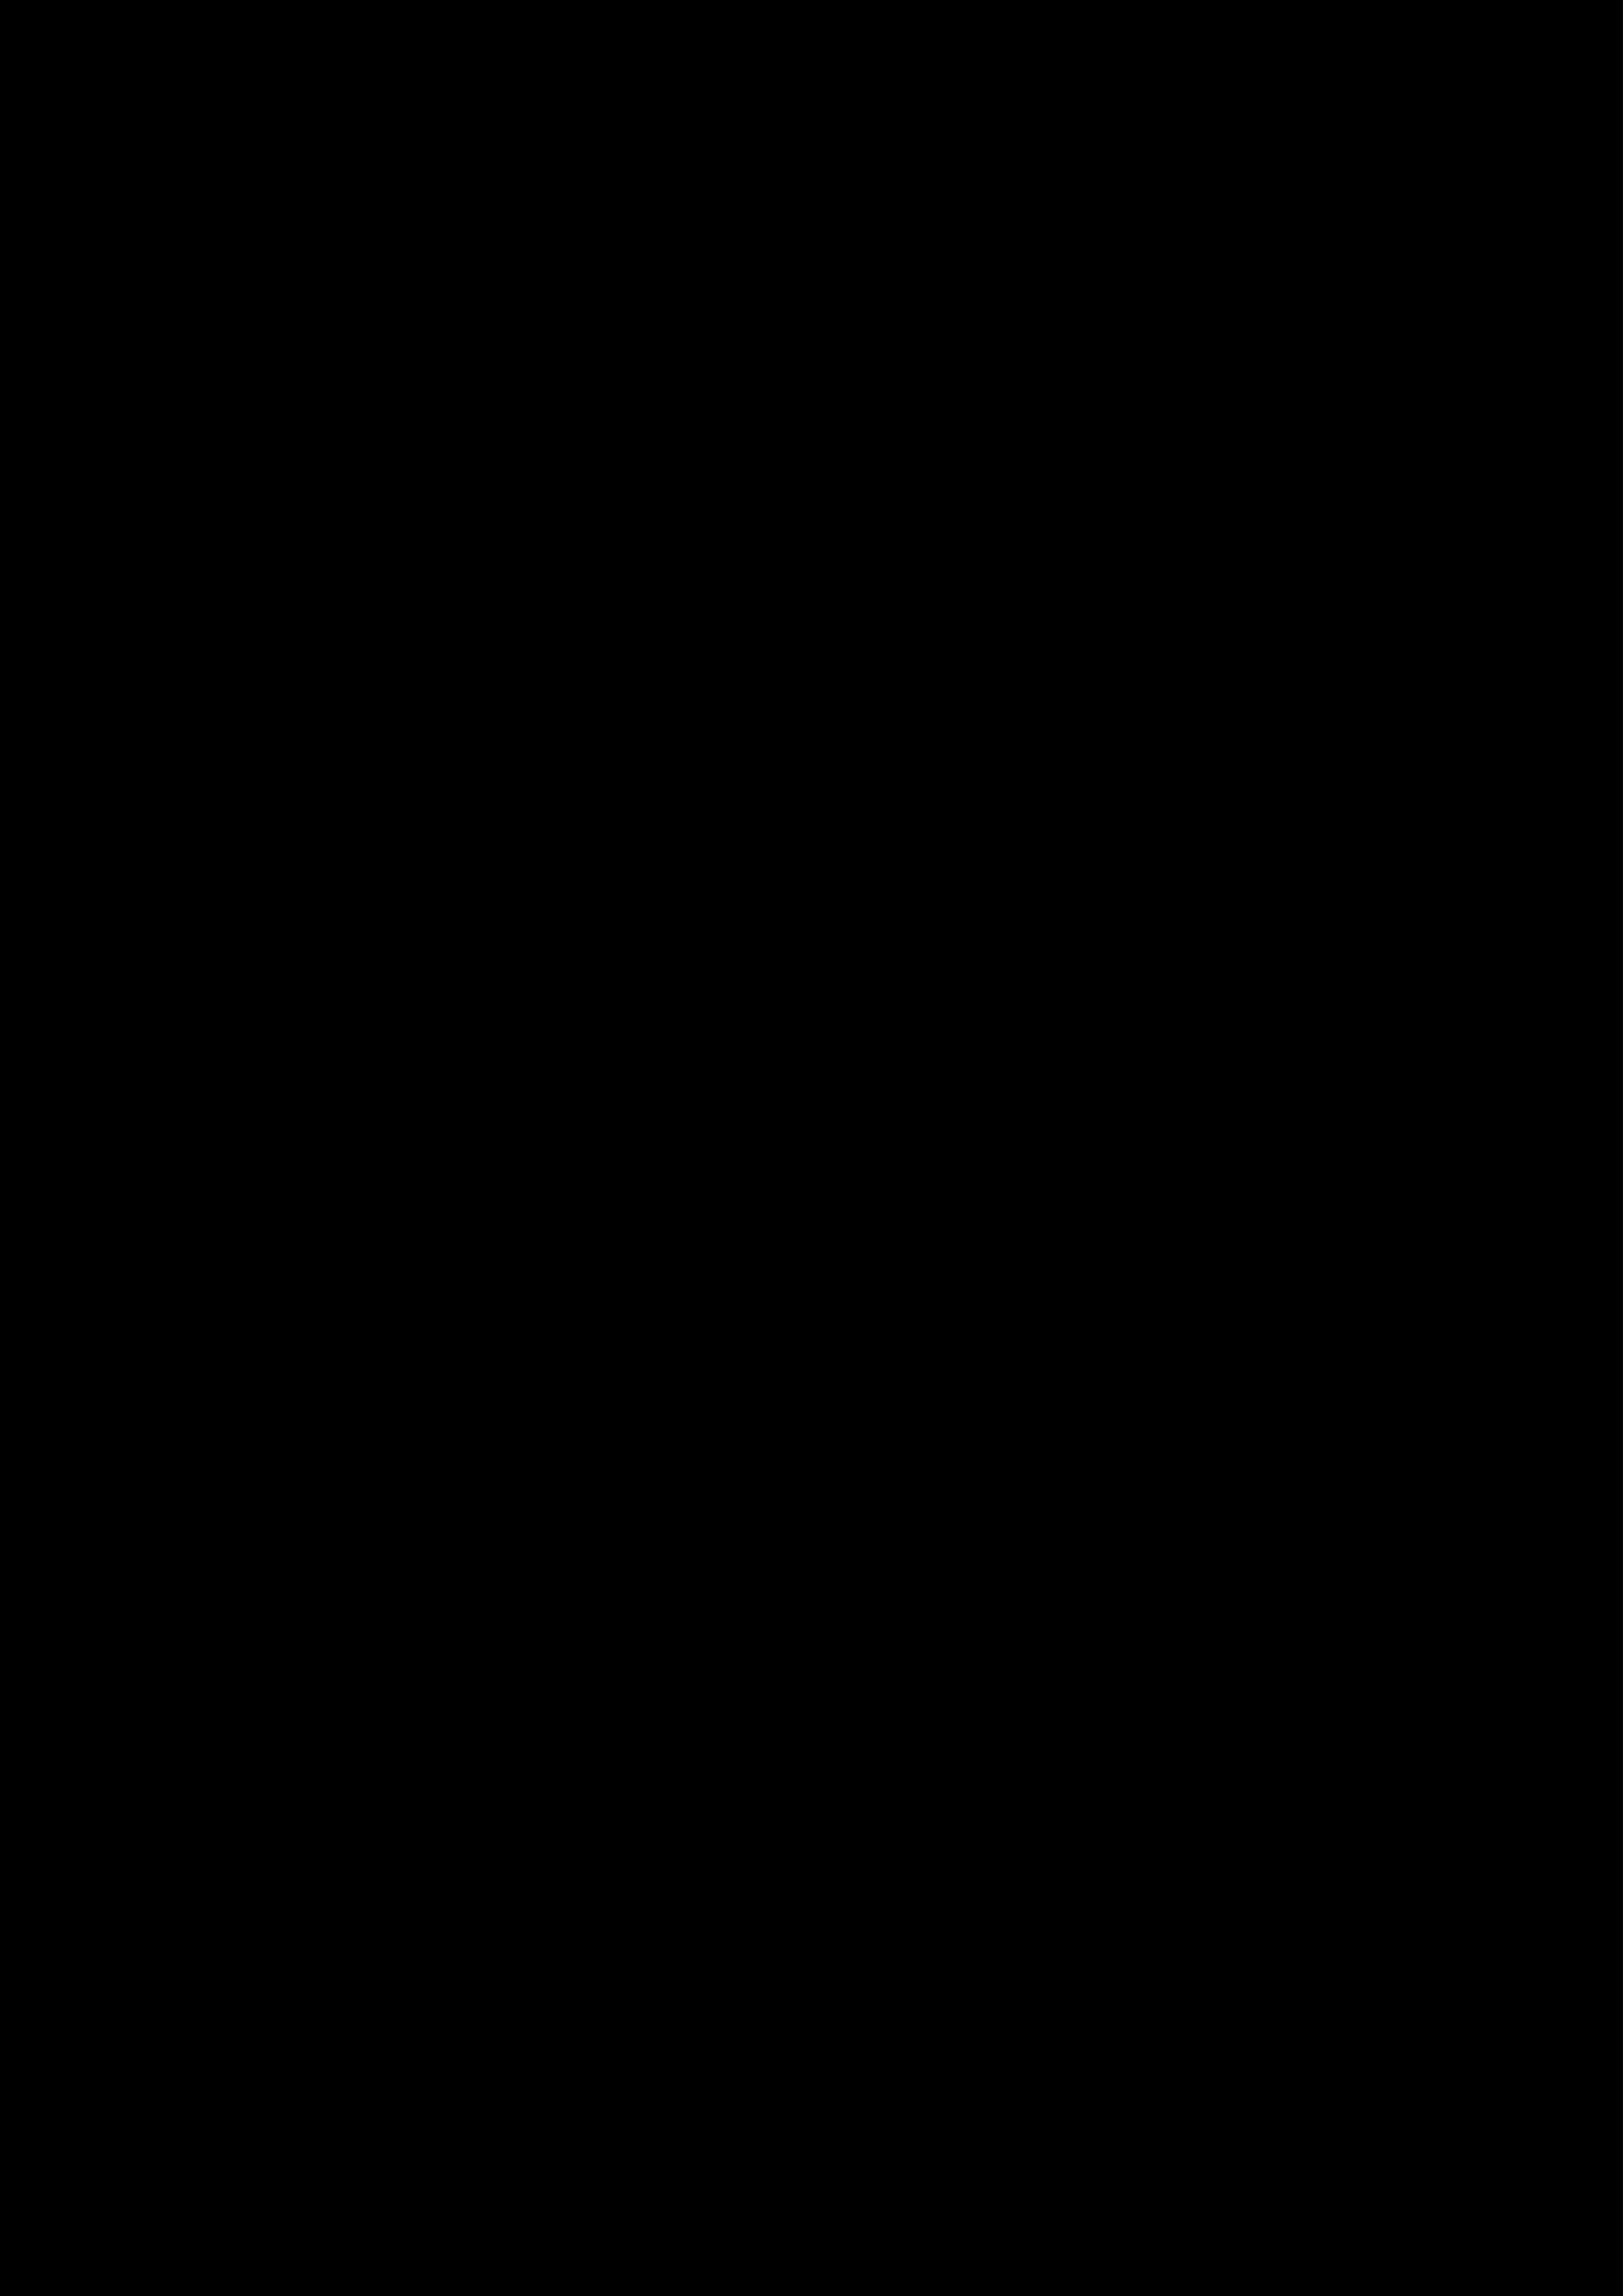 Clipart Strong Blacksmith